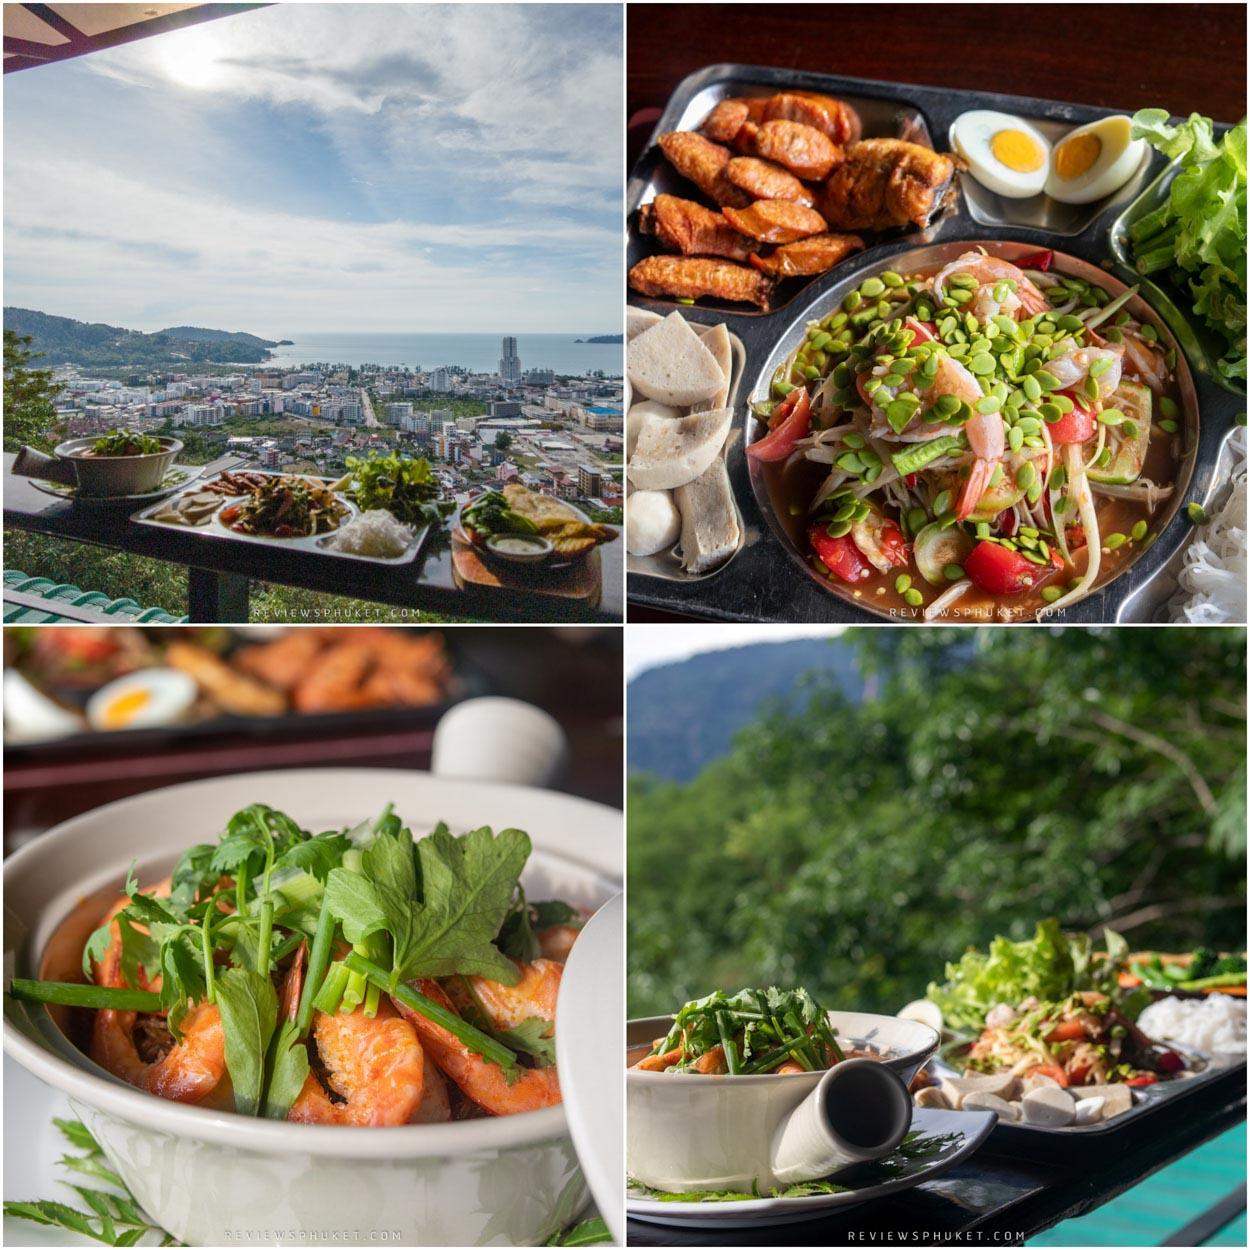 Patong Sunset View Restaurant ร้านอาหารเด็ดภูเก็ตป่าตอง ที่สุดแห่งวิวพระอาทิตย์ตกแห่งป่าตอง บอกเลยว่าสวยมากก